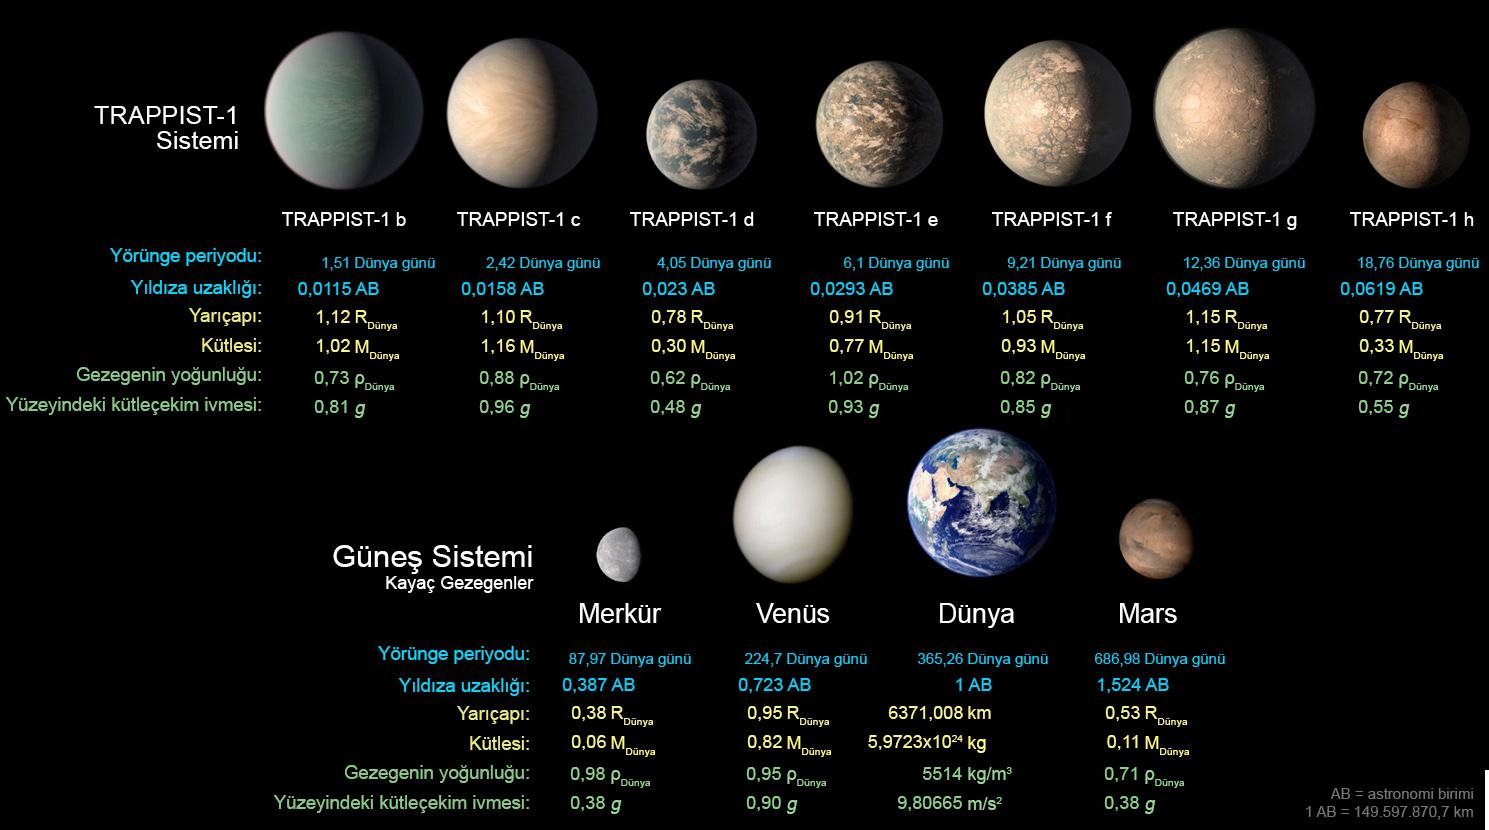 TRAPPIST-1 Gezegenlerinde Su Bulunuyor Olabilir